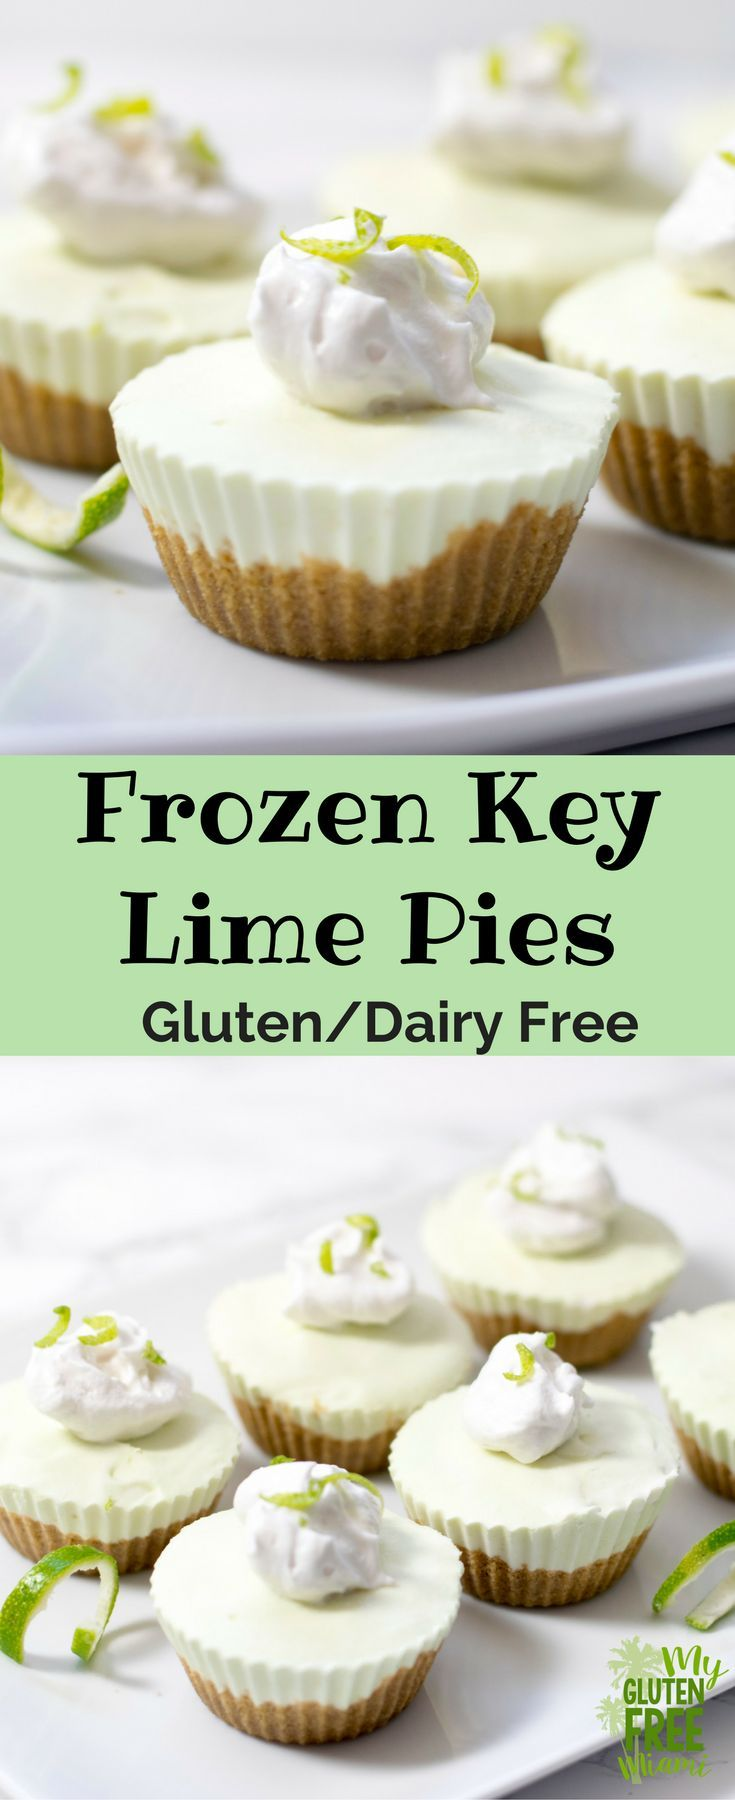 Frozen Key Lime Pie Summer Day Perfection (Gluten & Dairy